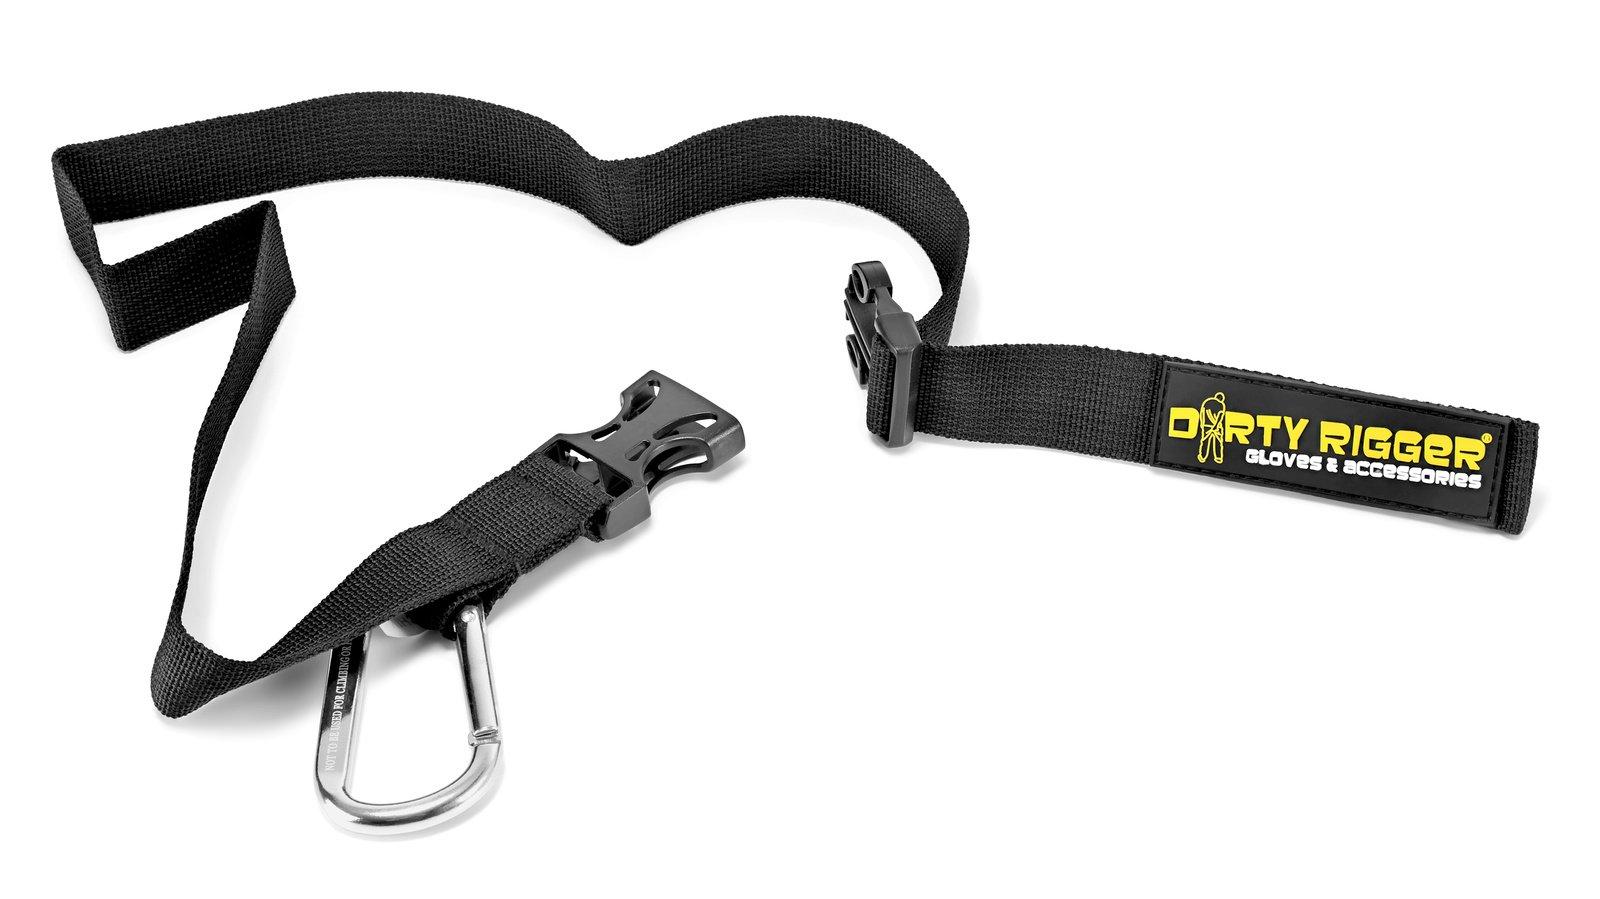 Dirty Rigger MAG Tape Holder mit Karabinerhaken für Gaffa oder Lassoband.